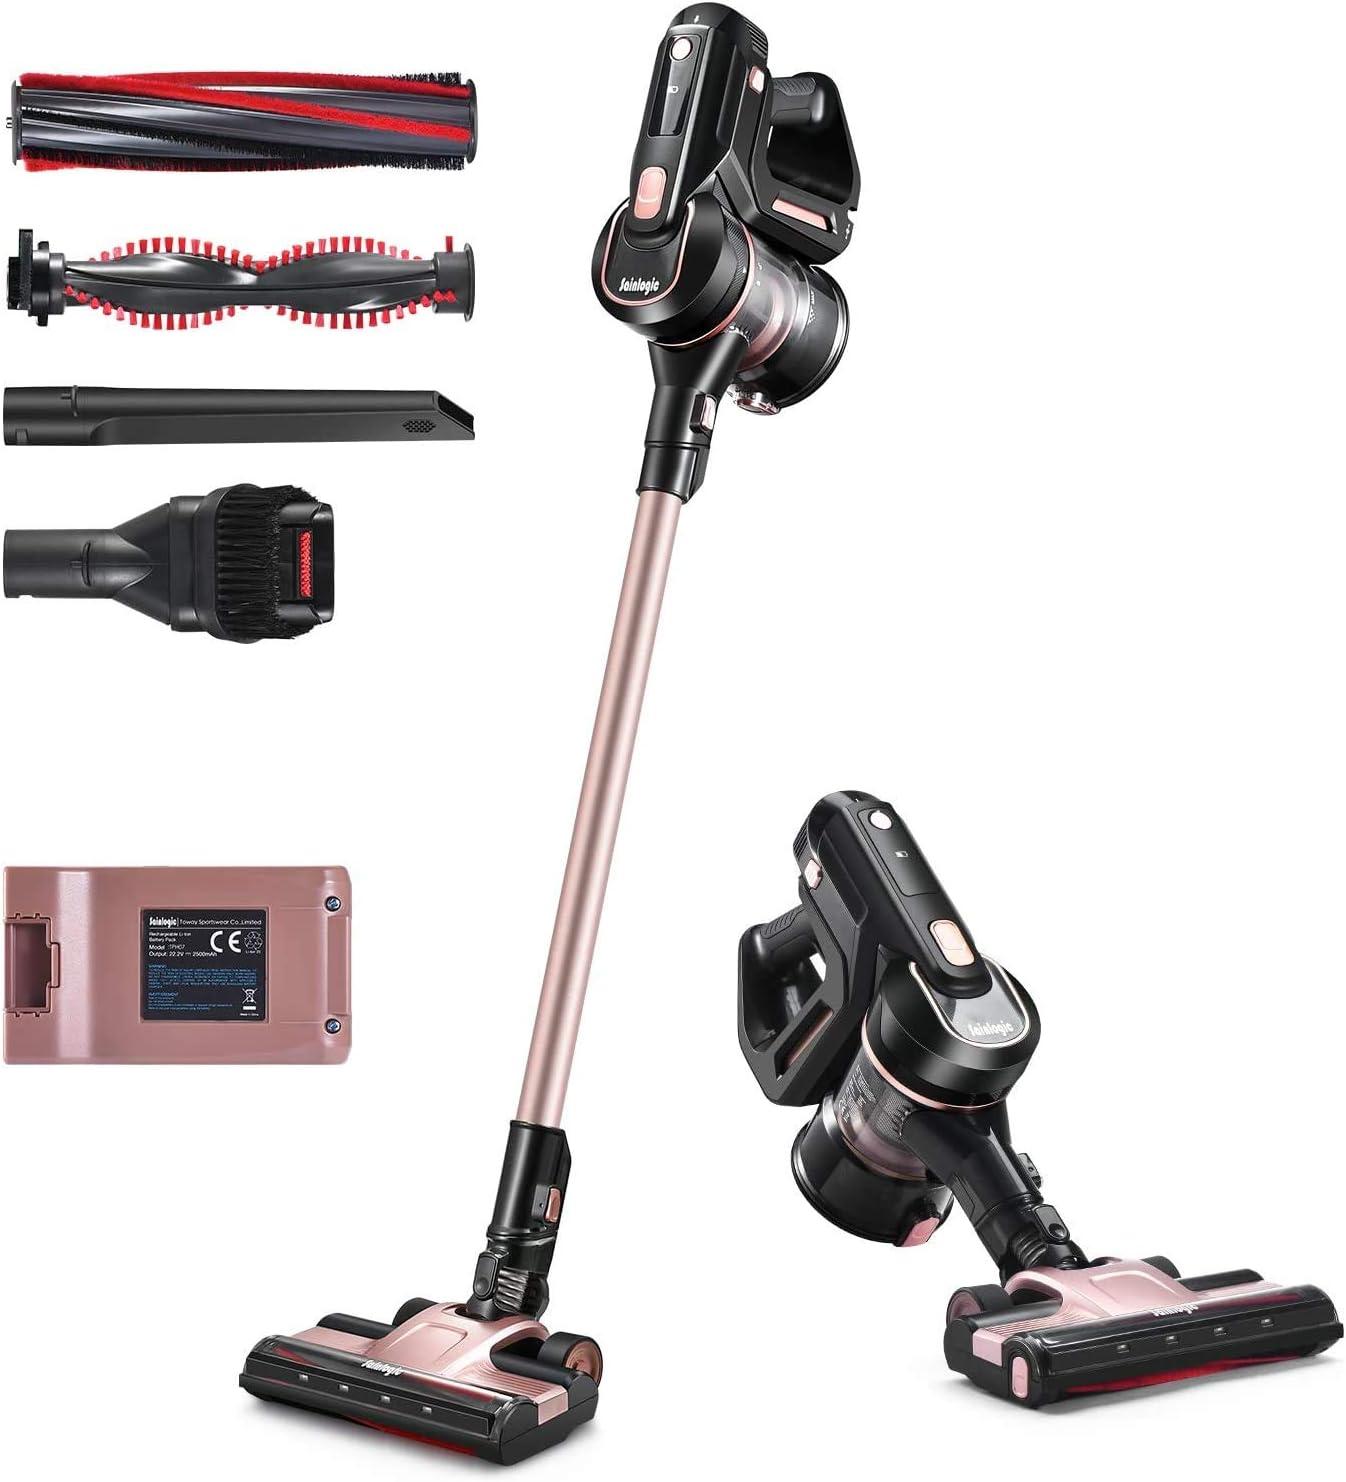 BLACK+DECKER VF90-XJ - Filtro de recambio para aspiradora, modelos PV9625N, PV1225NB, PV1225NPM, PV1425N, PV1825N: Amazon.es: Hogar